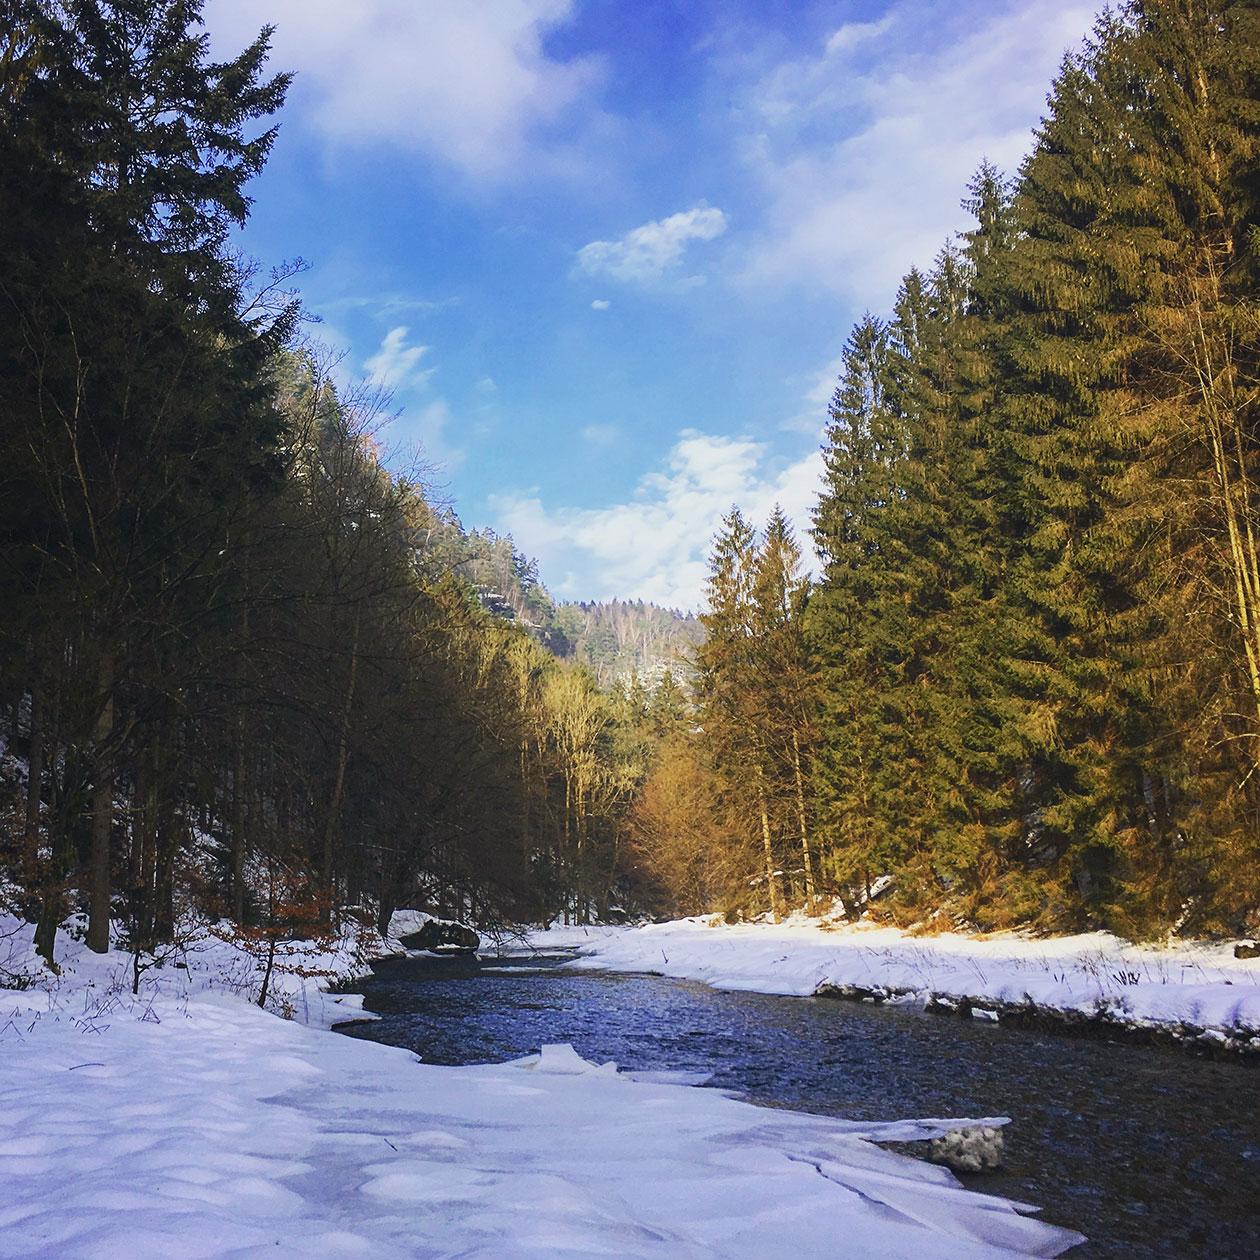 Der Schnee glitzert, sobald sich die Sonne durch den Morgennebel gekämpft hat